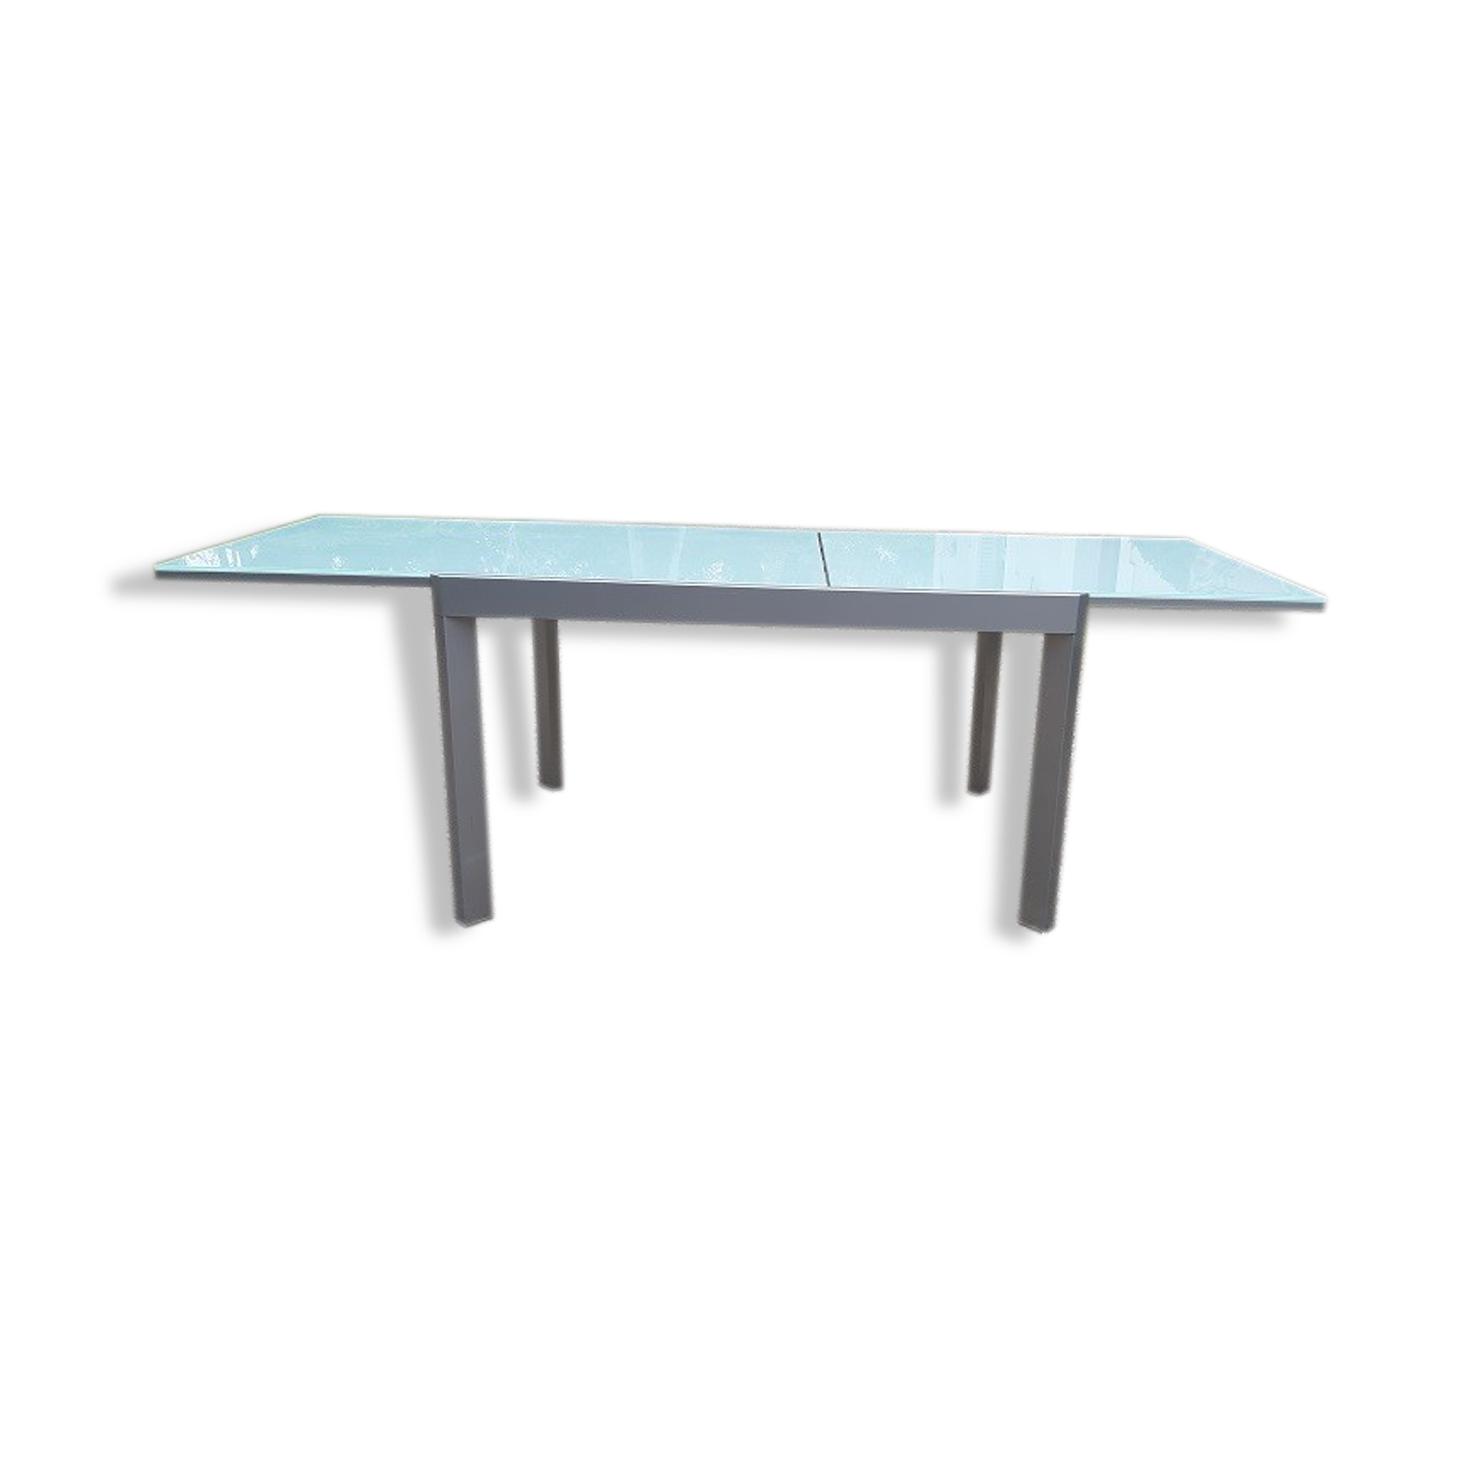 Table Calligaris métal et verre